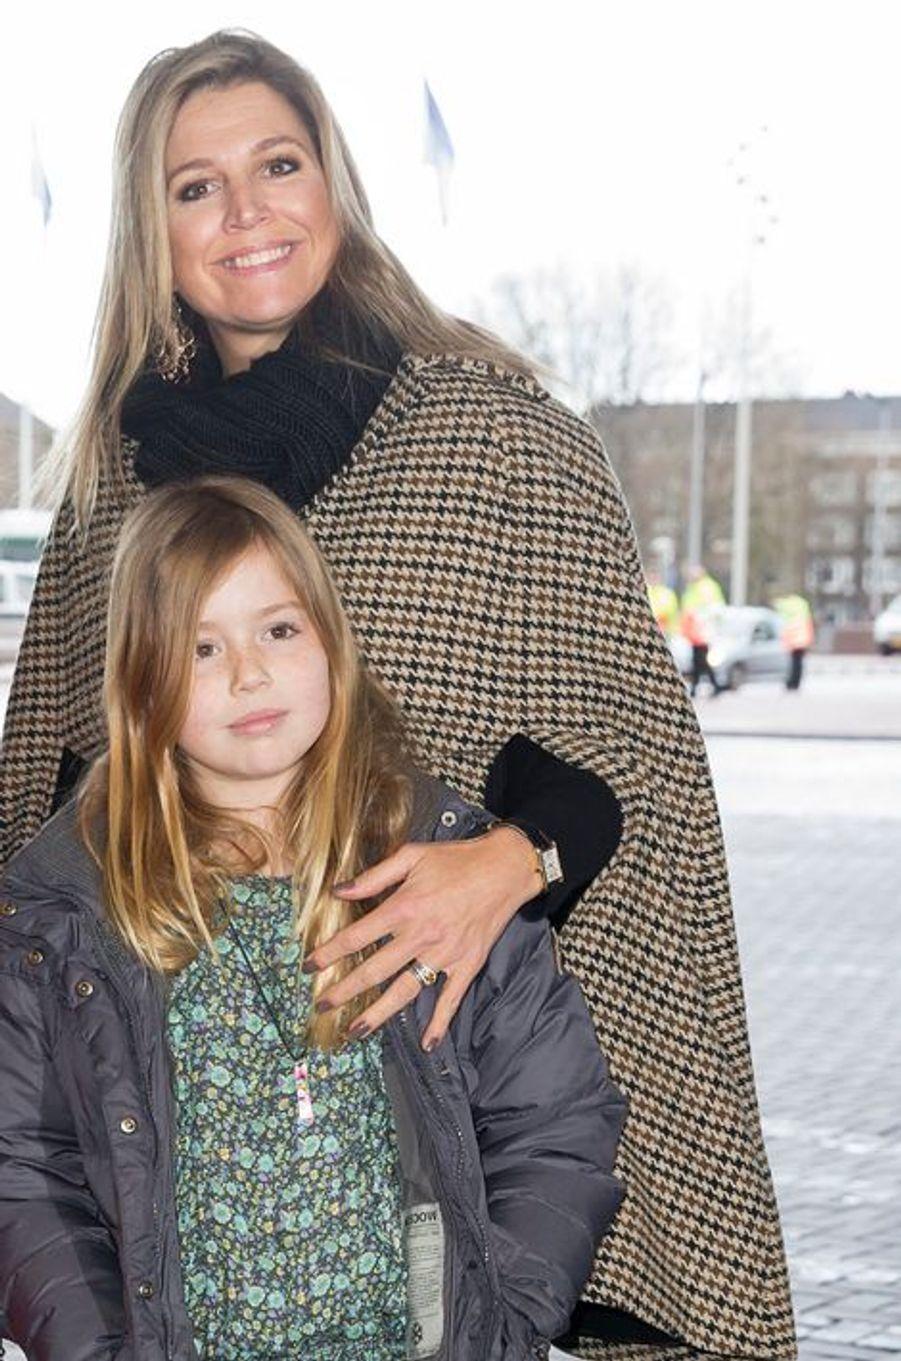 La reine Maxima et la princesse Alexia au Jumping Amsterdam, le 1er février 2015